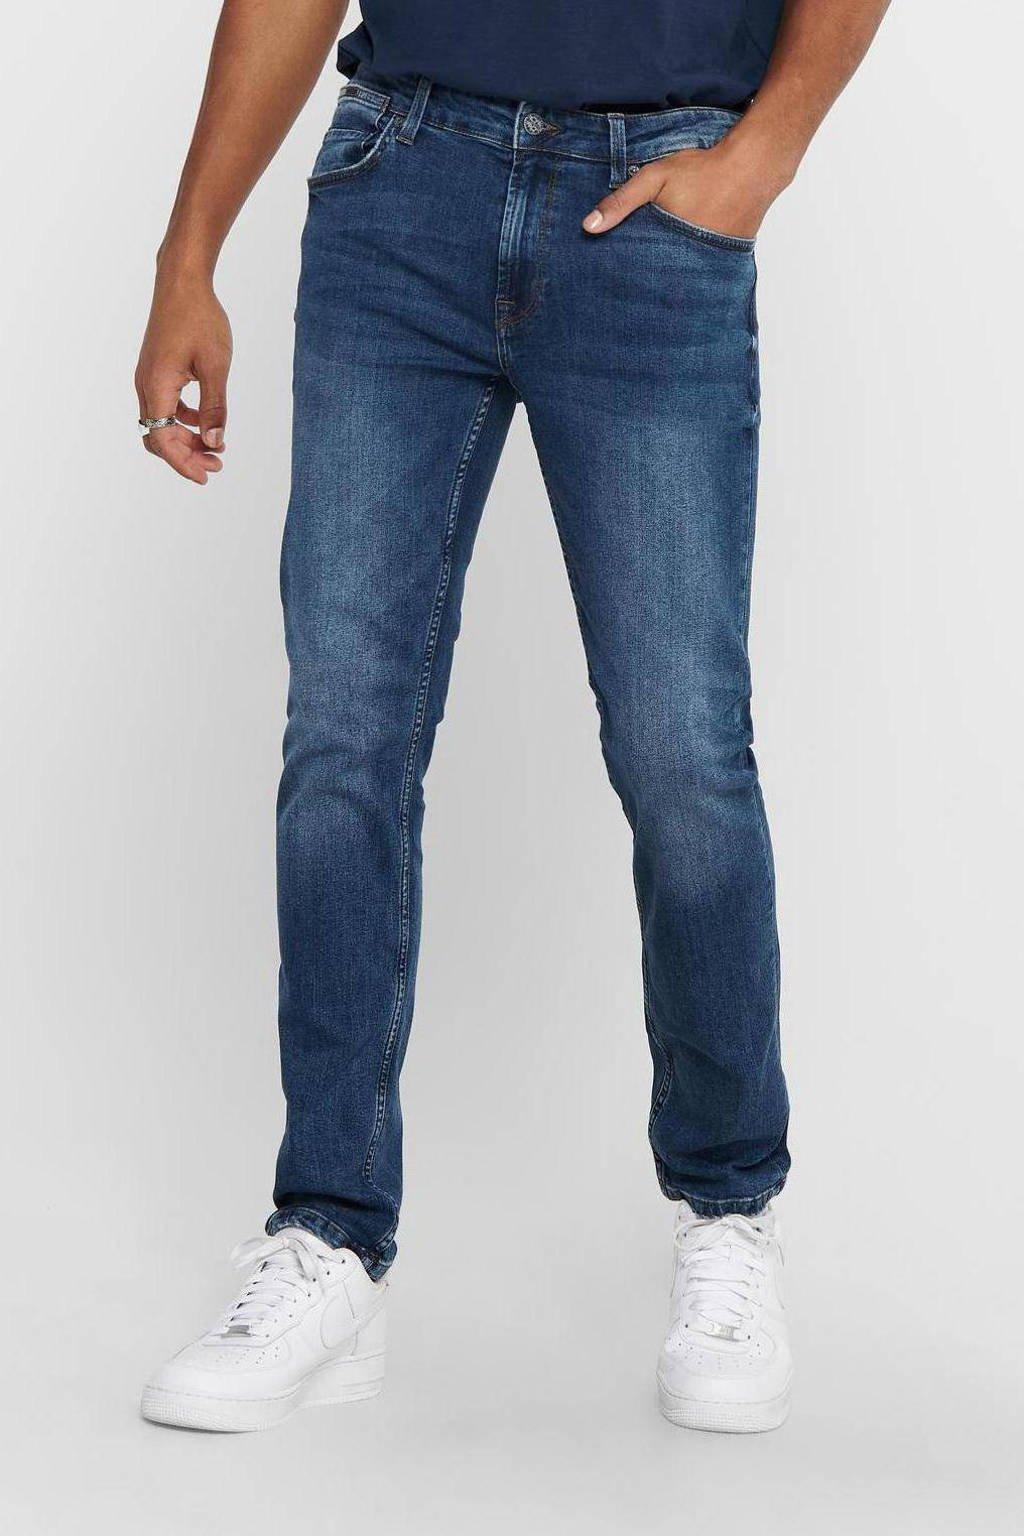 ONLY & SONS regular fit jeans Weft blue denim, Blue denim